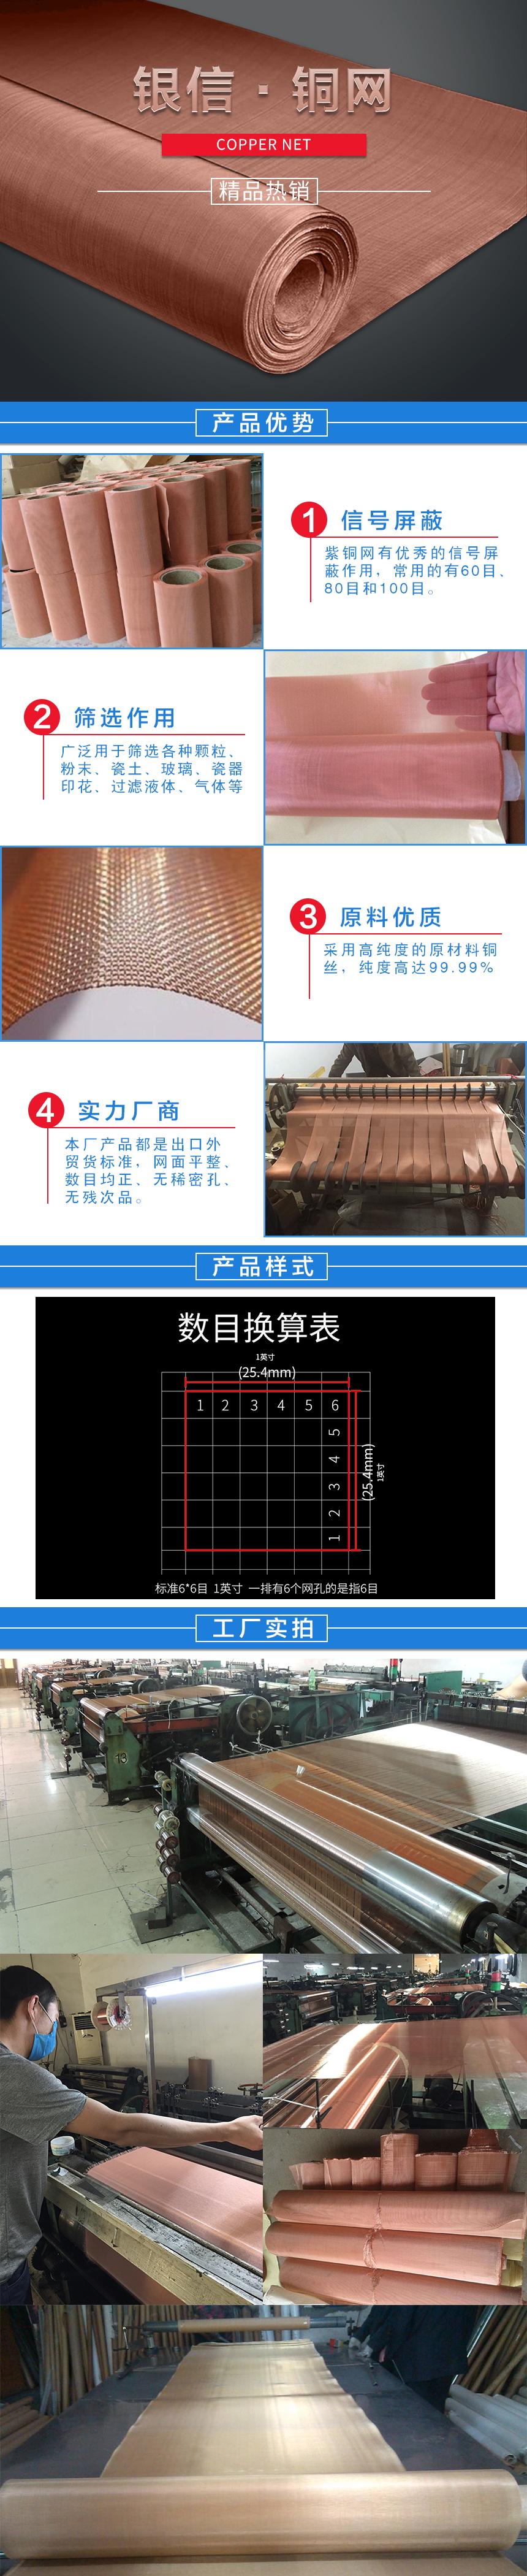 yingxiao2.jpg